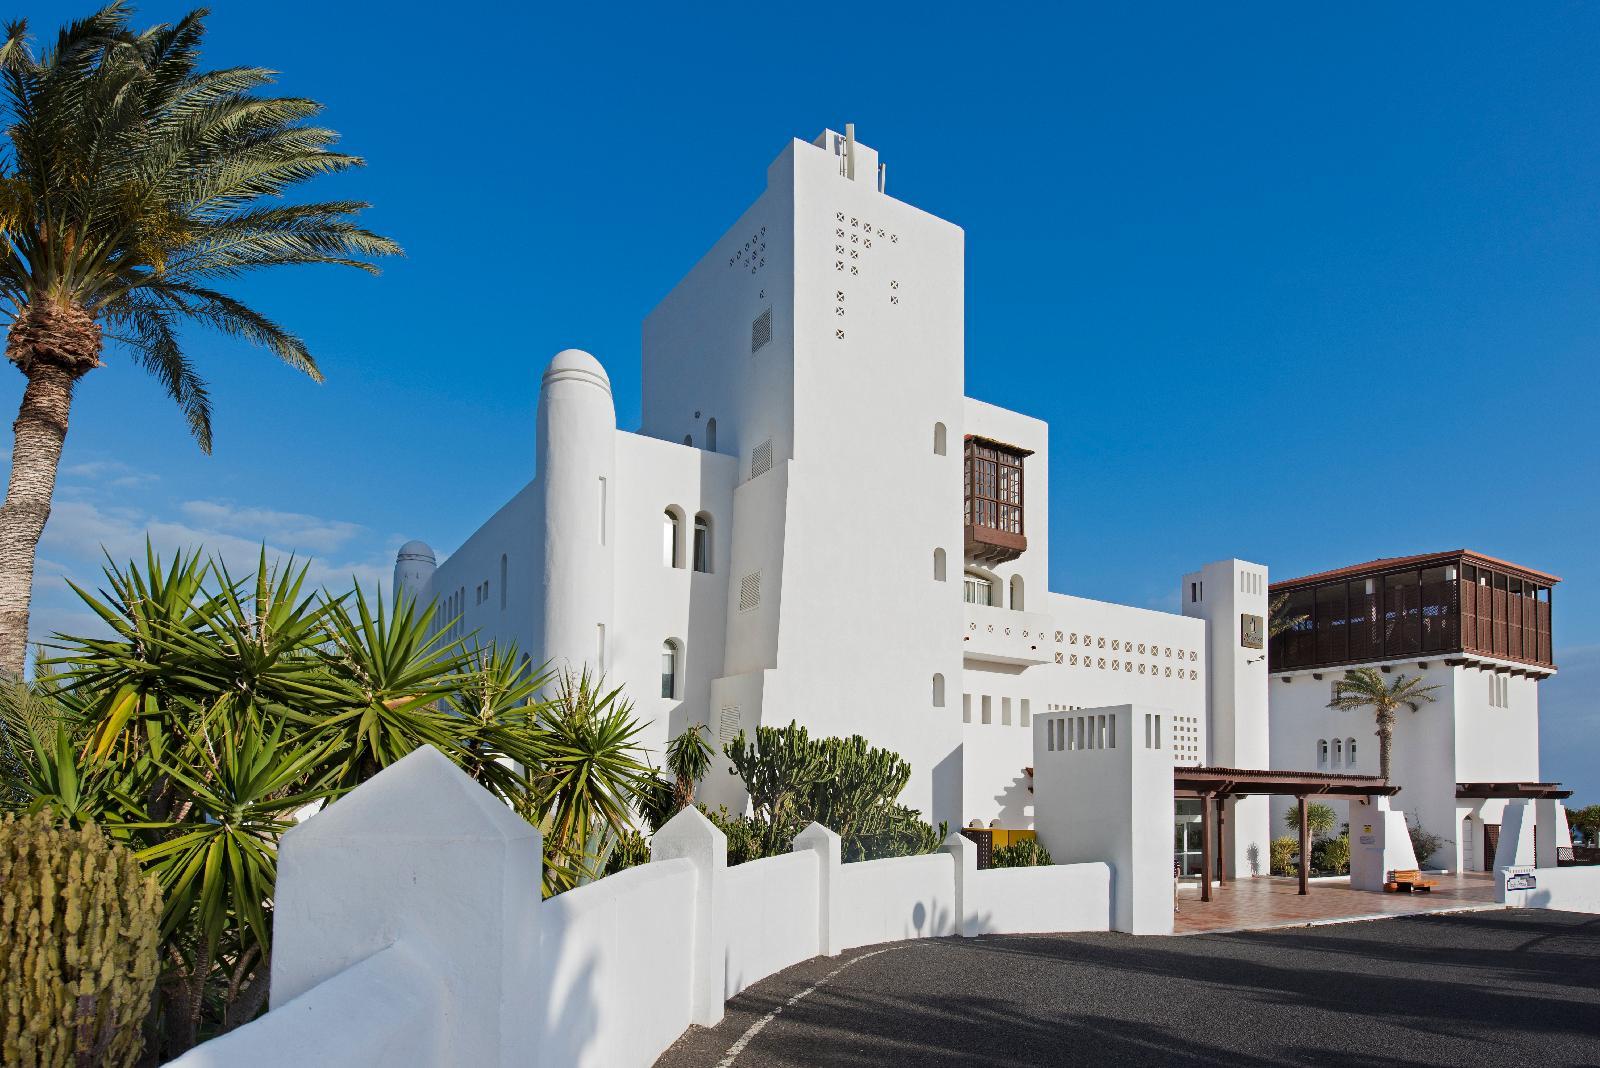 Vacanze a fuerteventura da 272 - Canarie a dicembre si fa il bagno ...